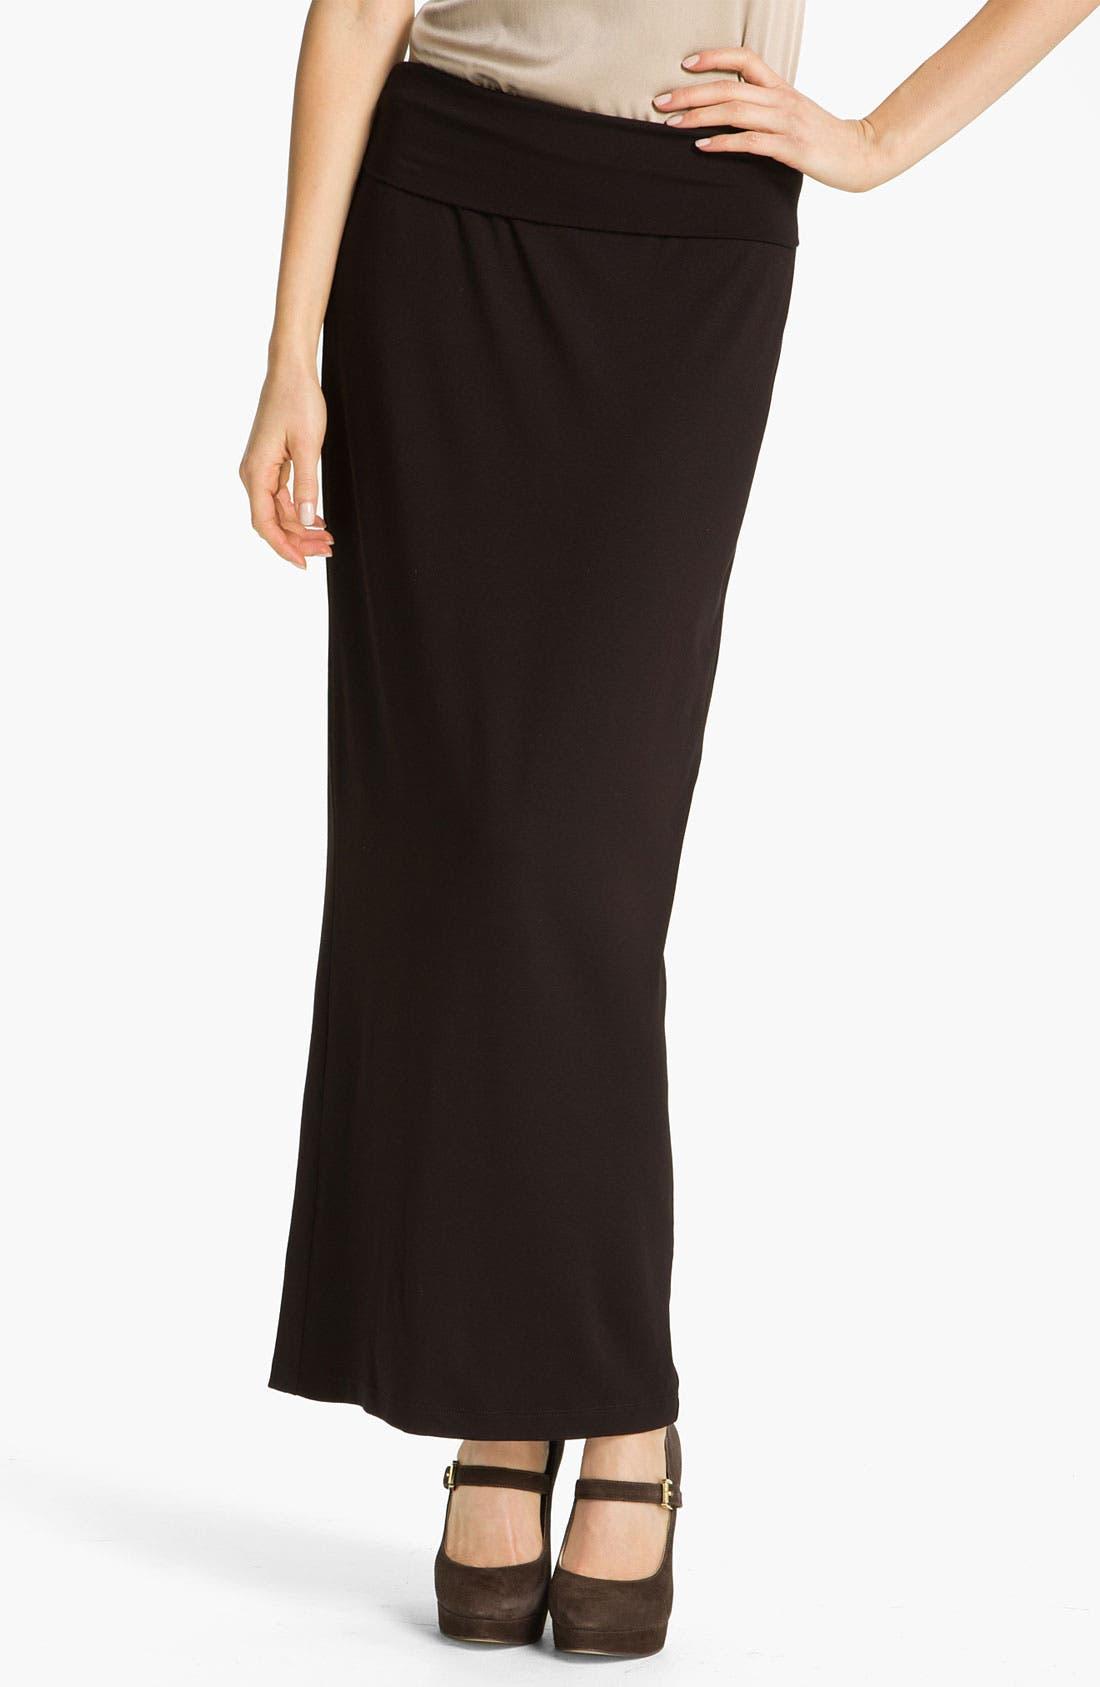 Alternate Image 1 Selected - Eileen Fisher Fold Over Slim Maxi Skirt